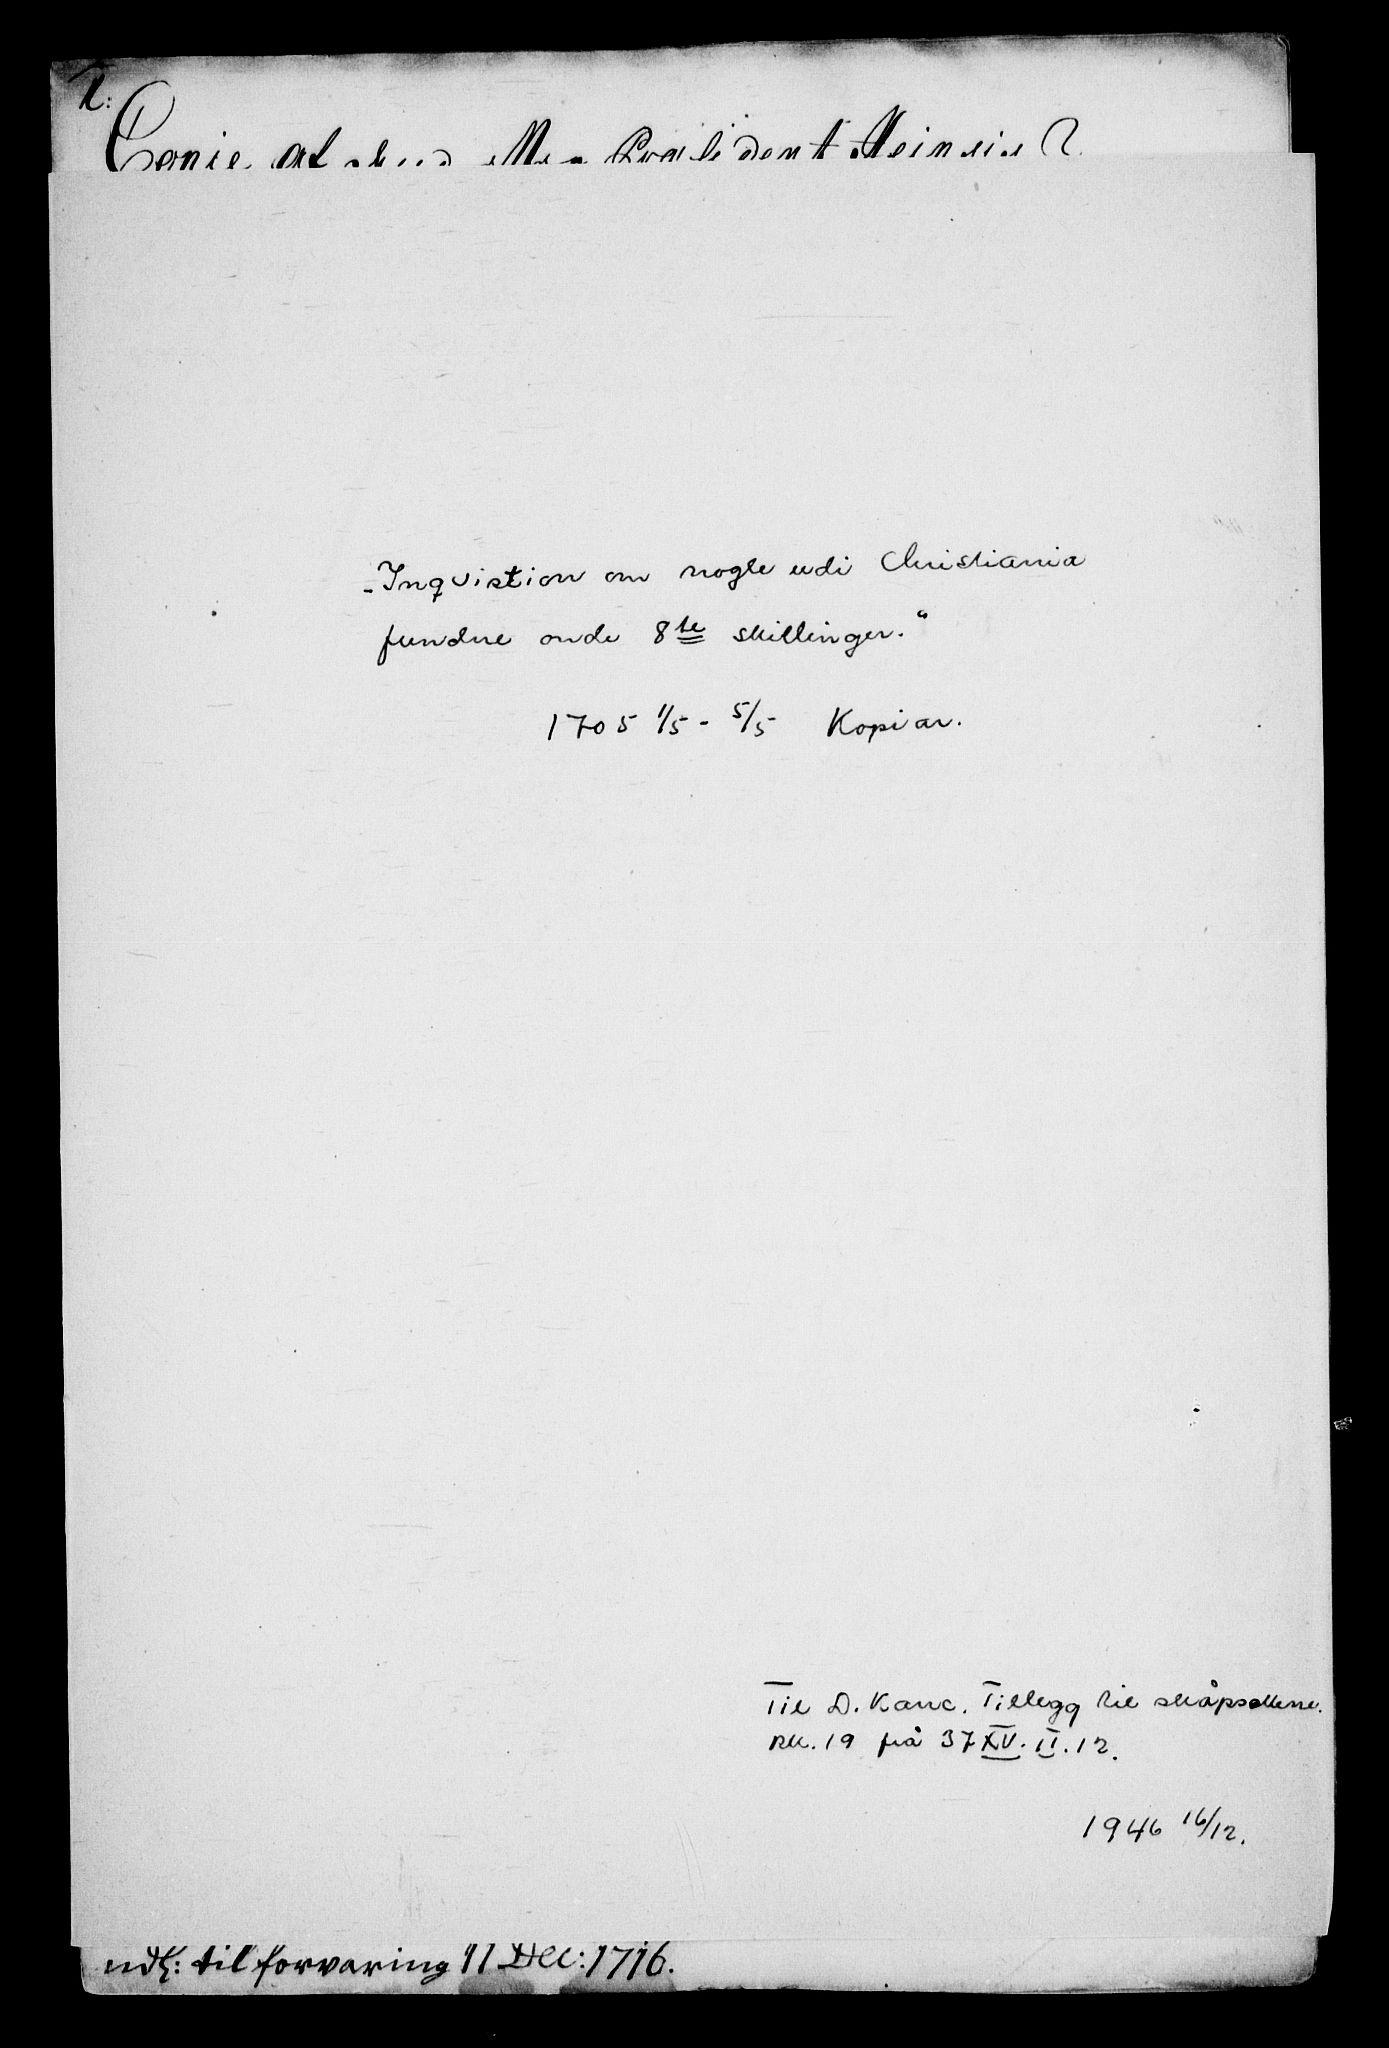 RA, Danske Kanselli, Skapsaker, G/L0019: Tillegg til skapsakene, 1616-1753, p. 330